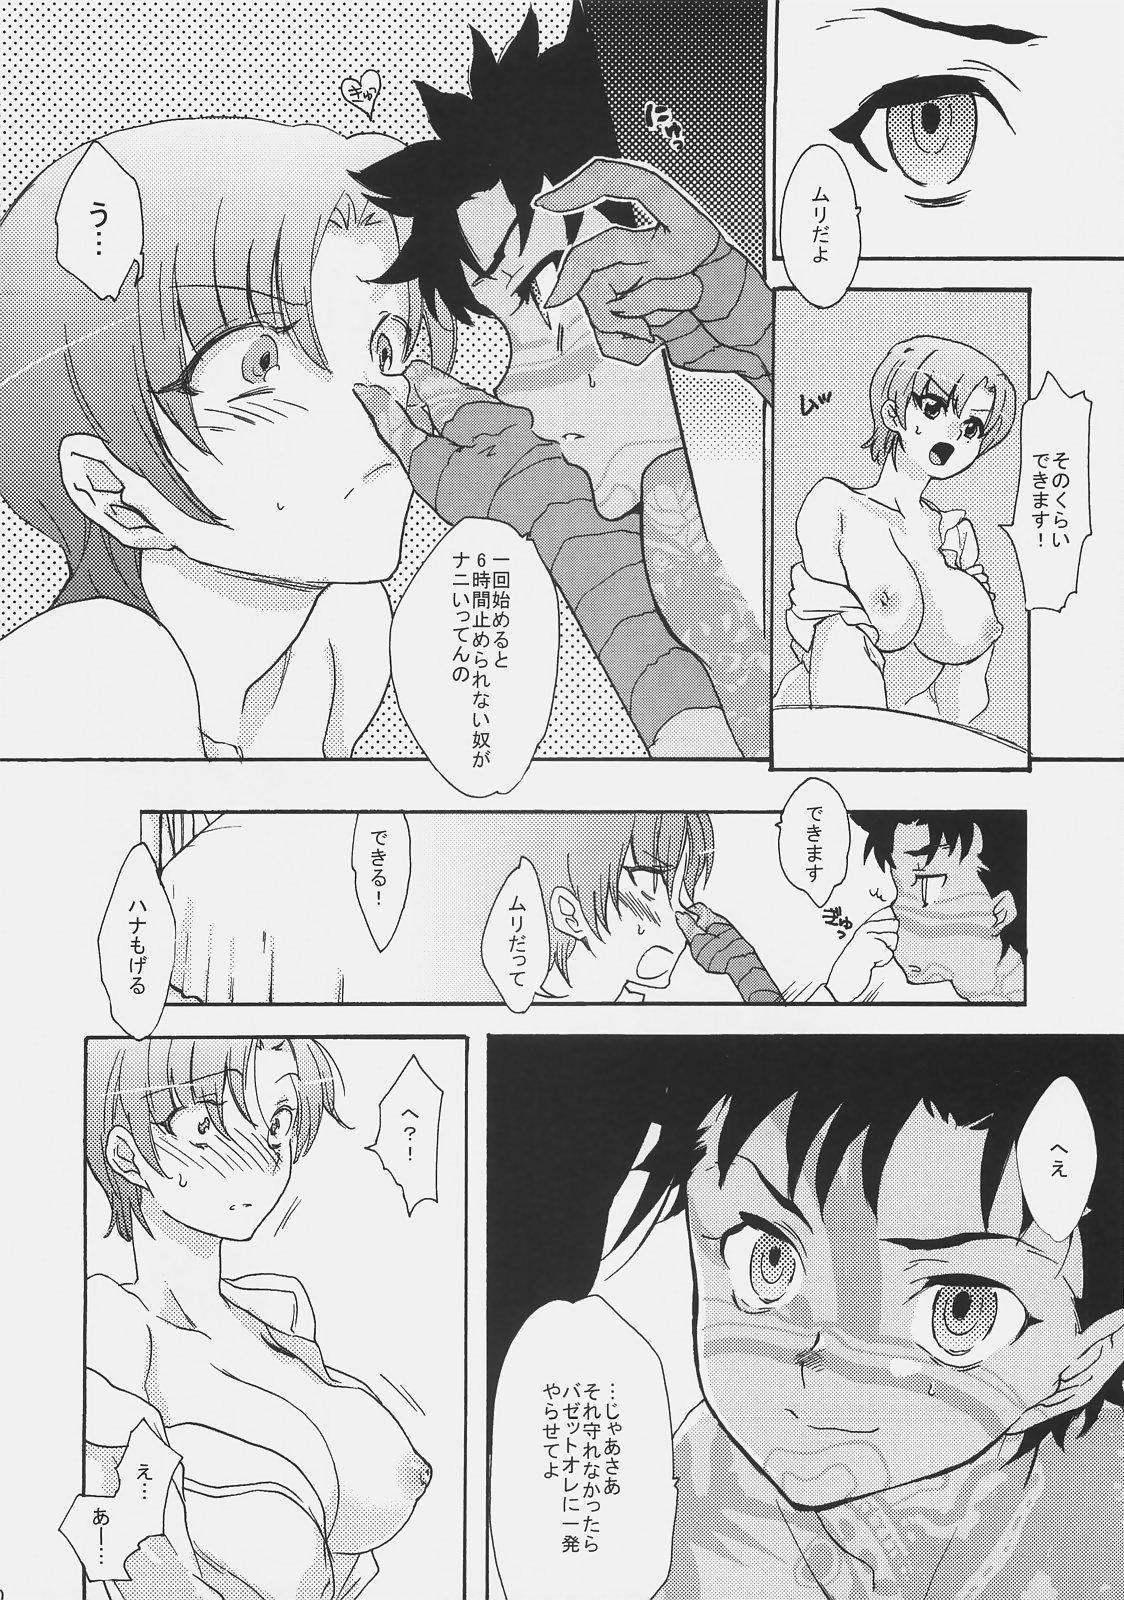 Bazett-san Ganbaru! 8